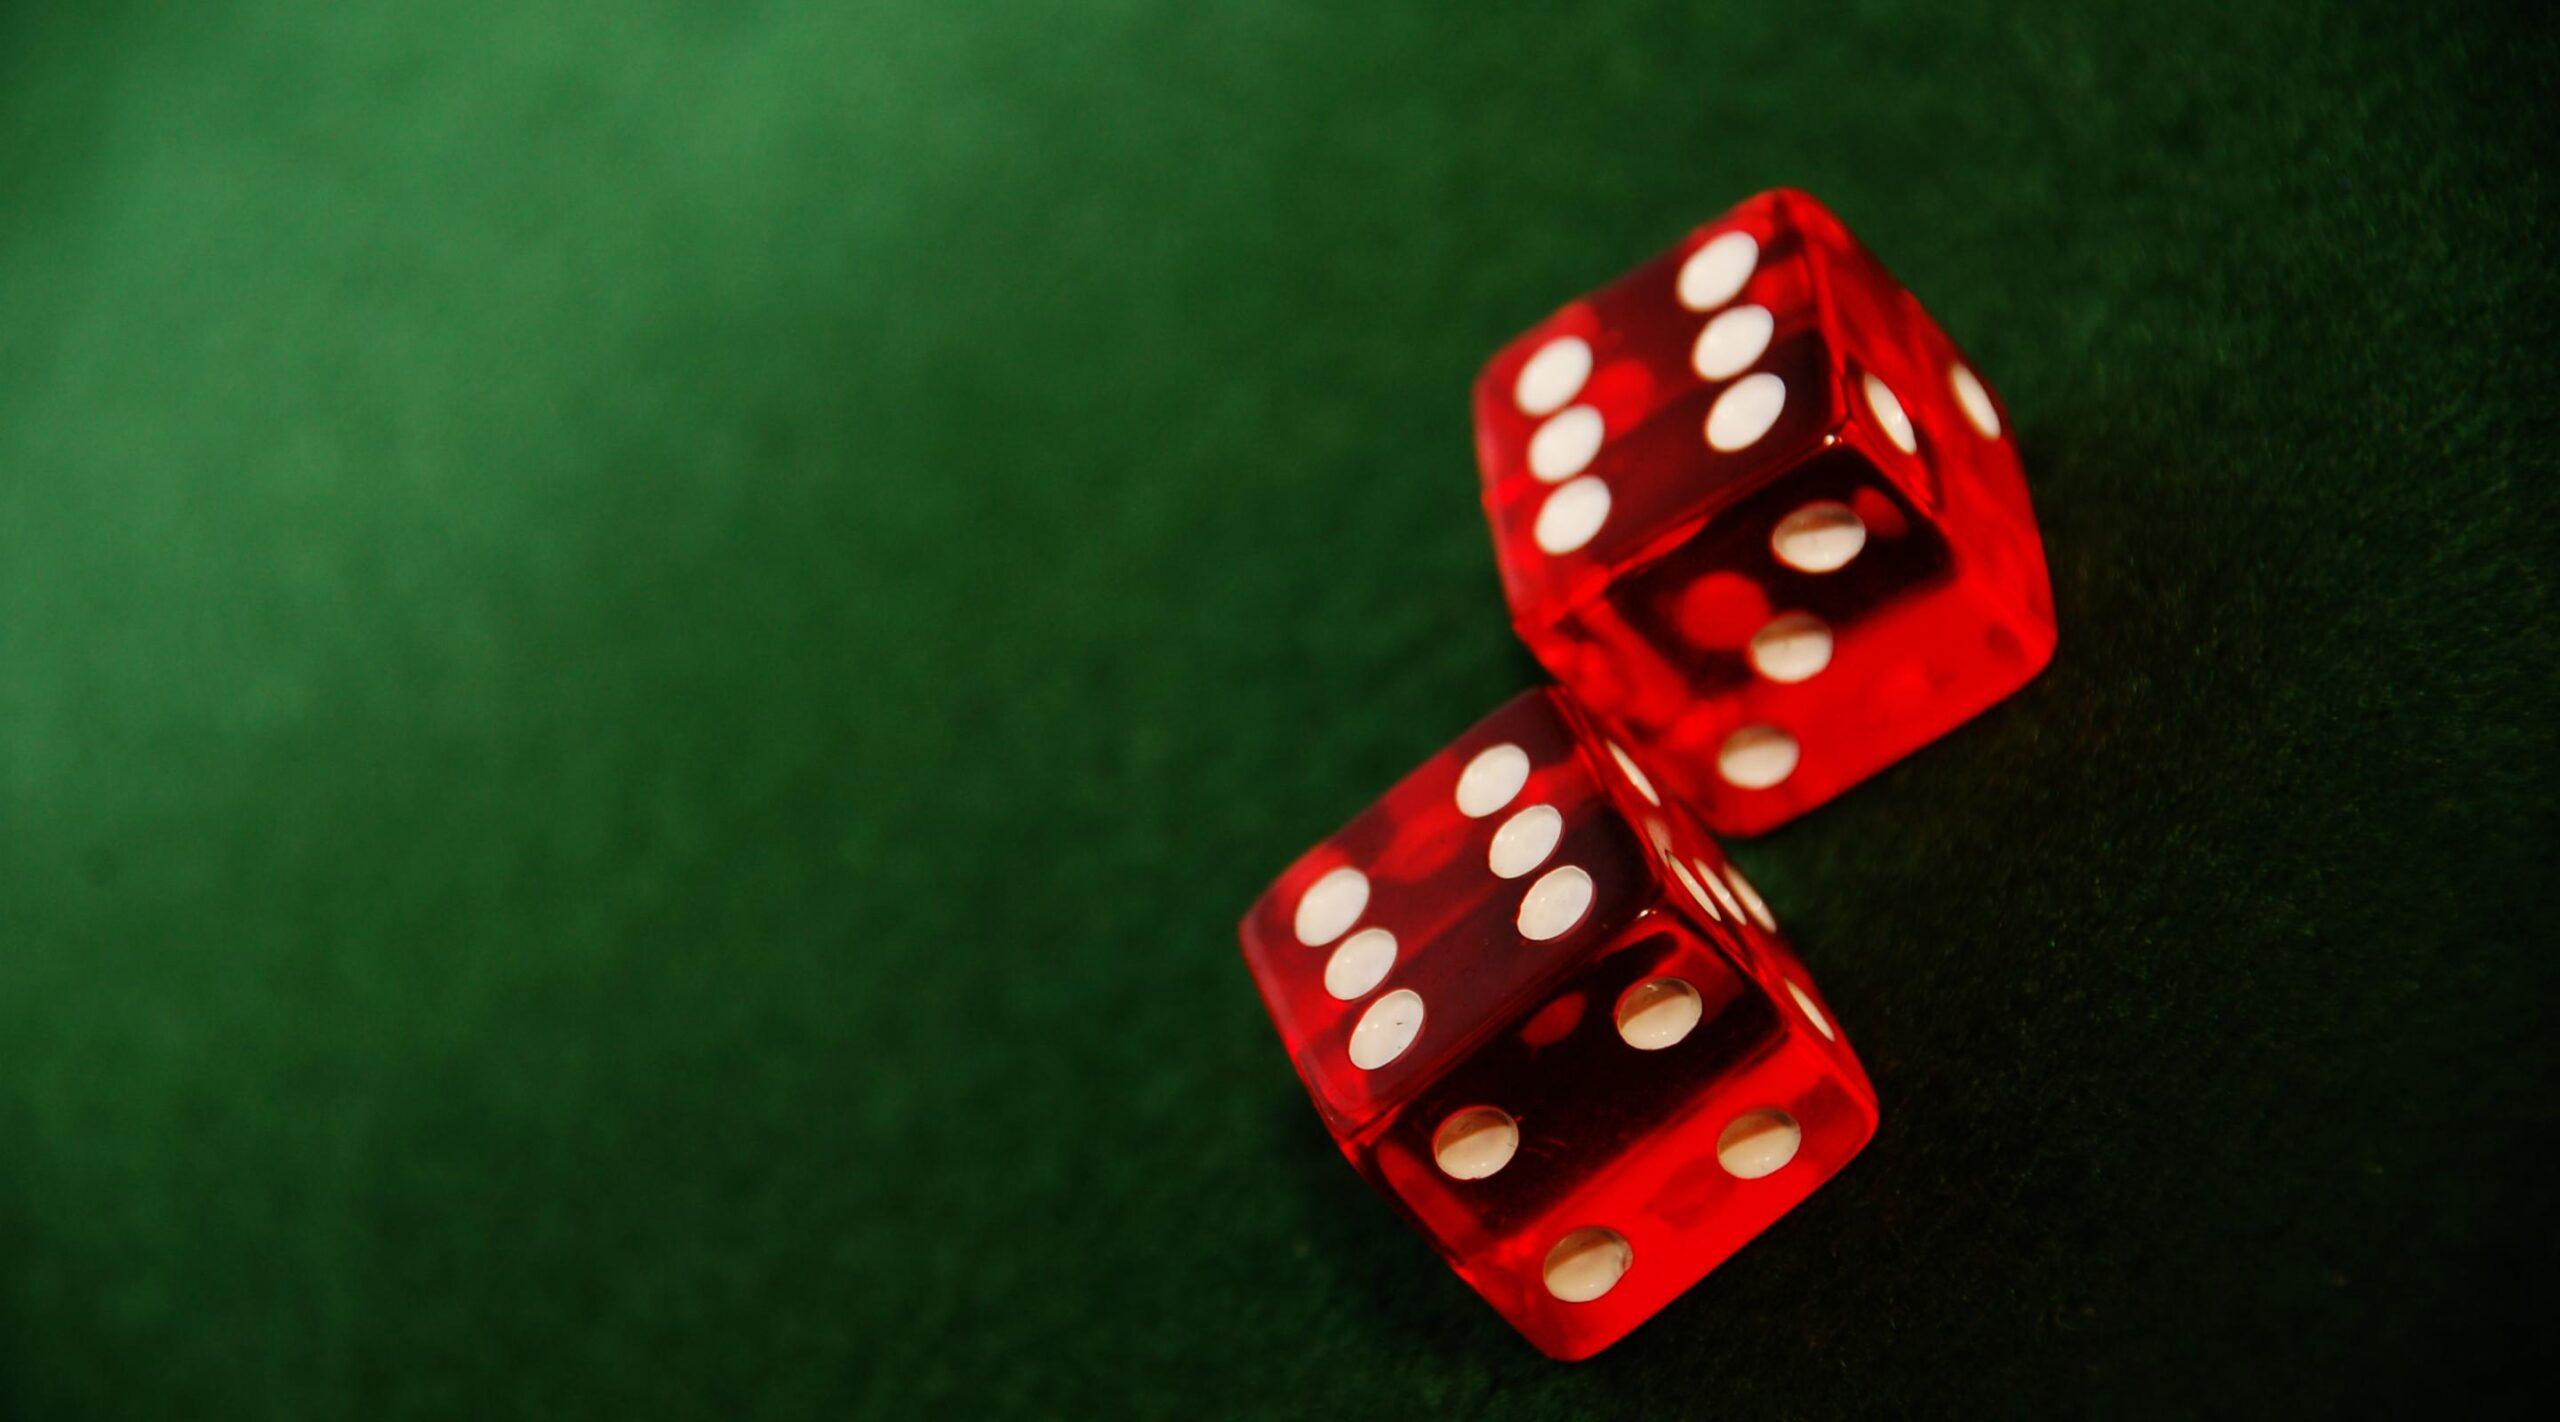 bonus bienvenue banzai casino slot